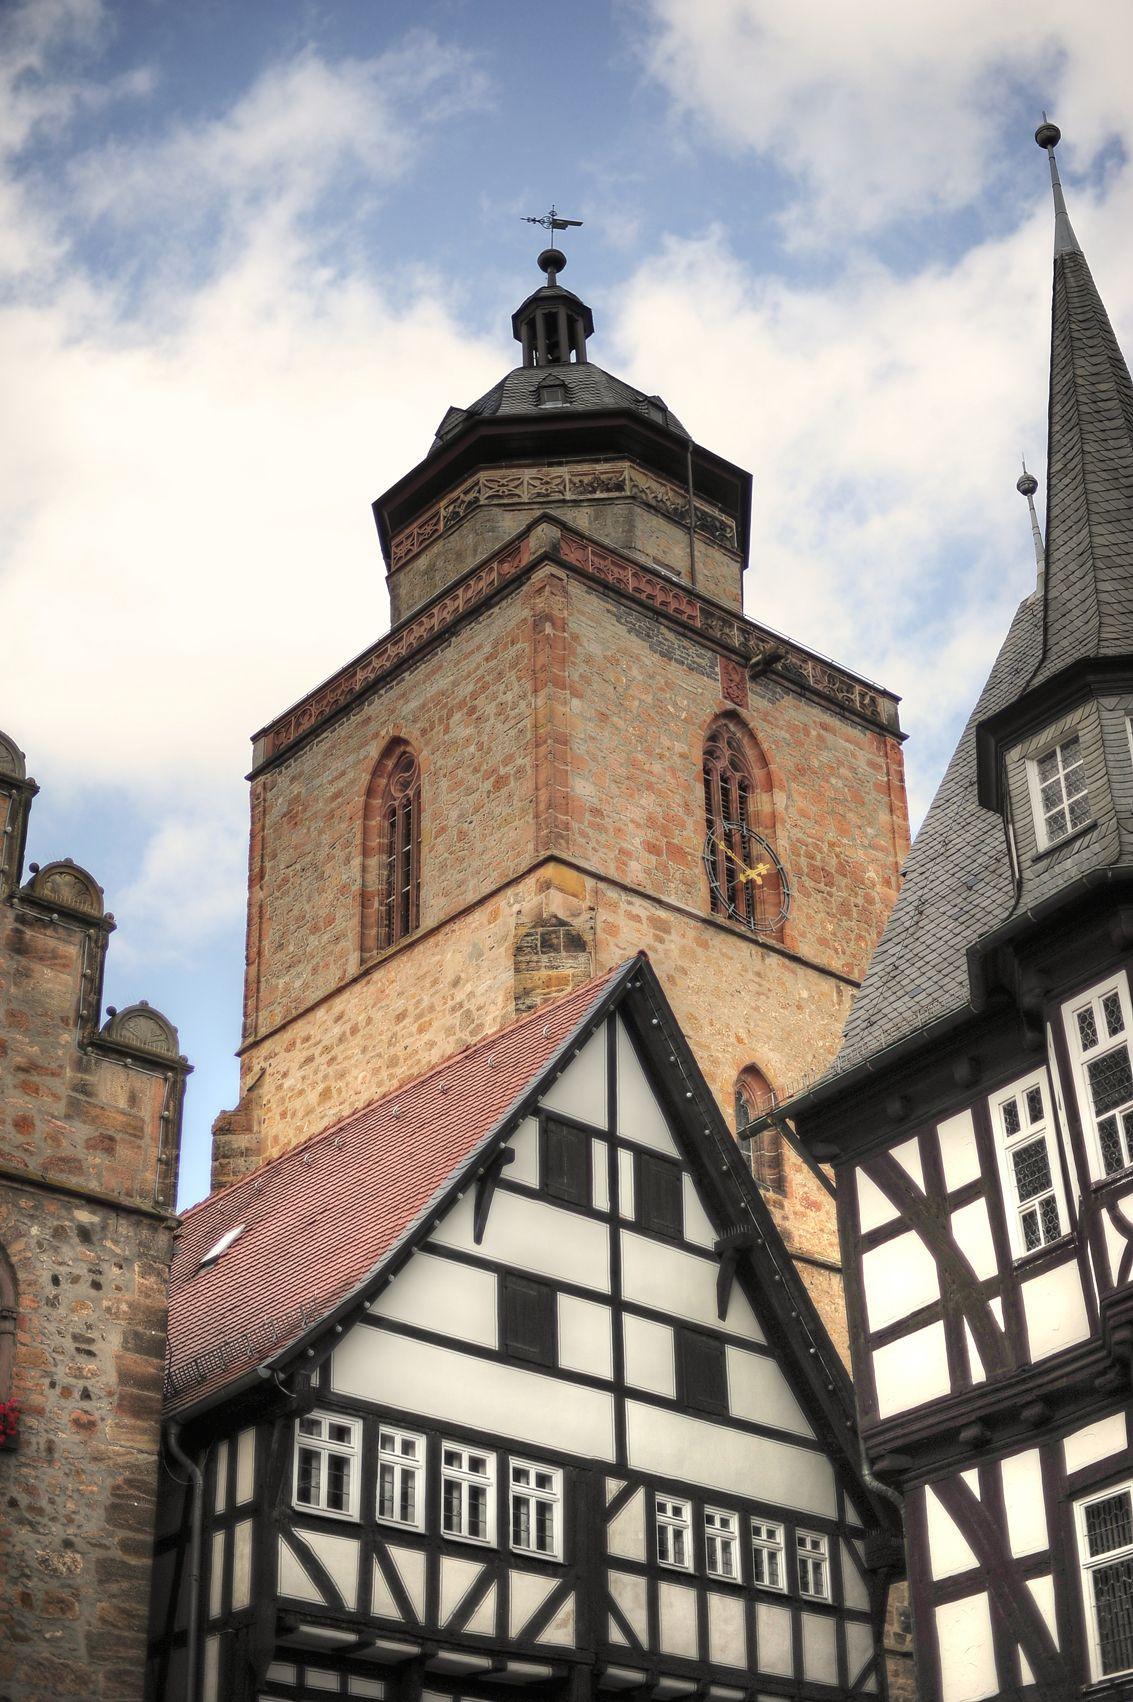 Waffen Zum Ausmalen Genial Region Vogelsberg touristik Gmbh Regiovogelsberg Auf Pinterest Bild